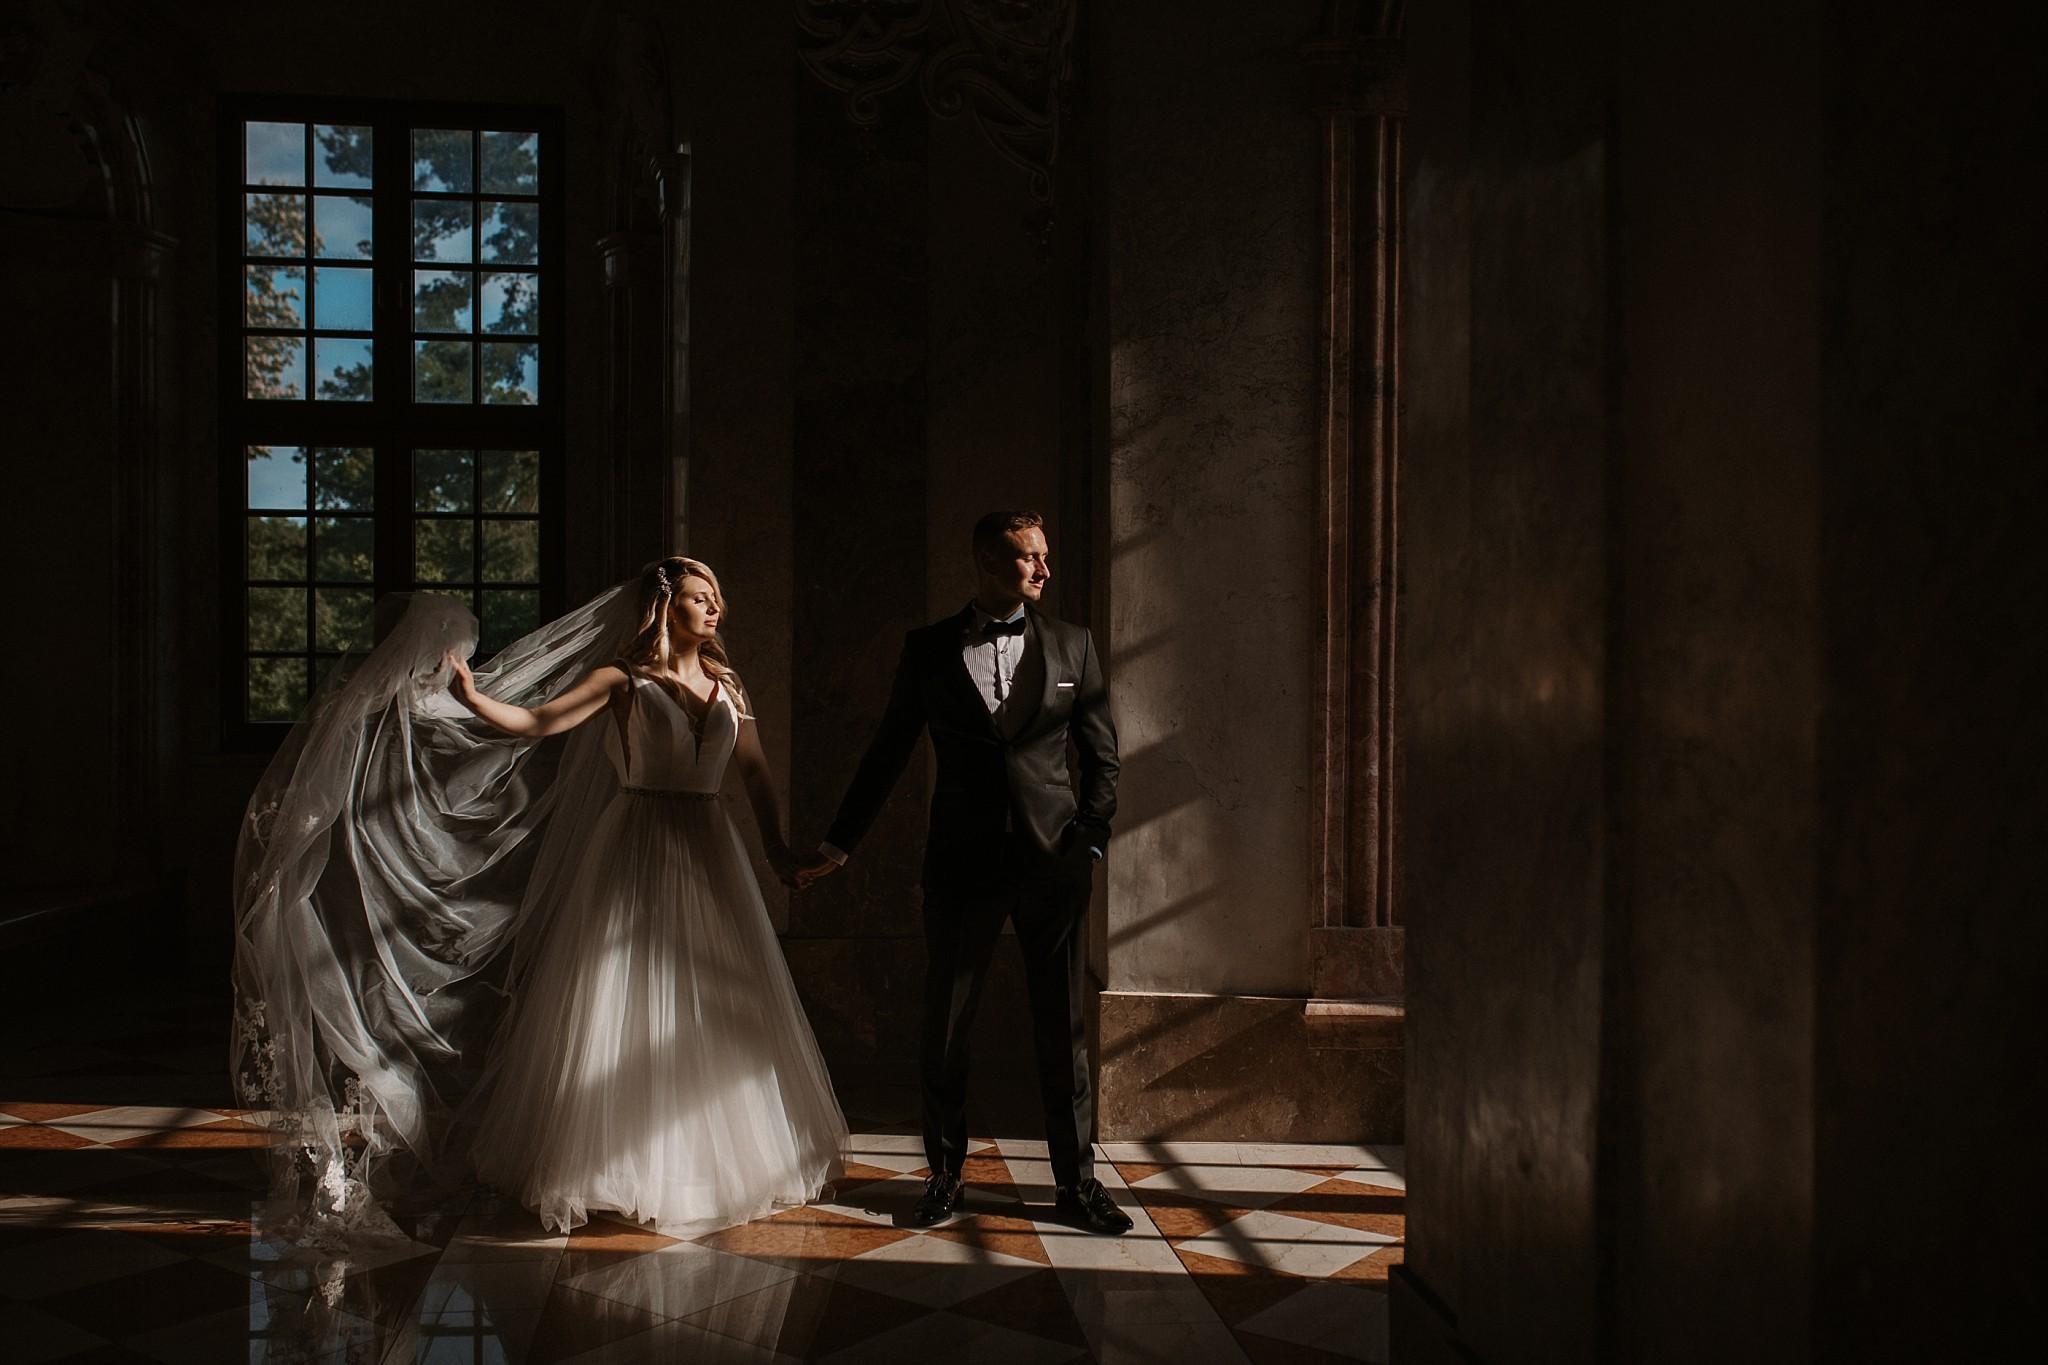 lubiaz opactwo cystersow sesja na zamku sesja zdjeciowa sesja slubna w palacu sesja palac fotograf z poznania fotografia slubna poznan 106